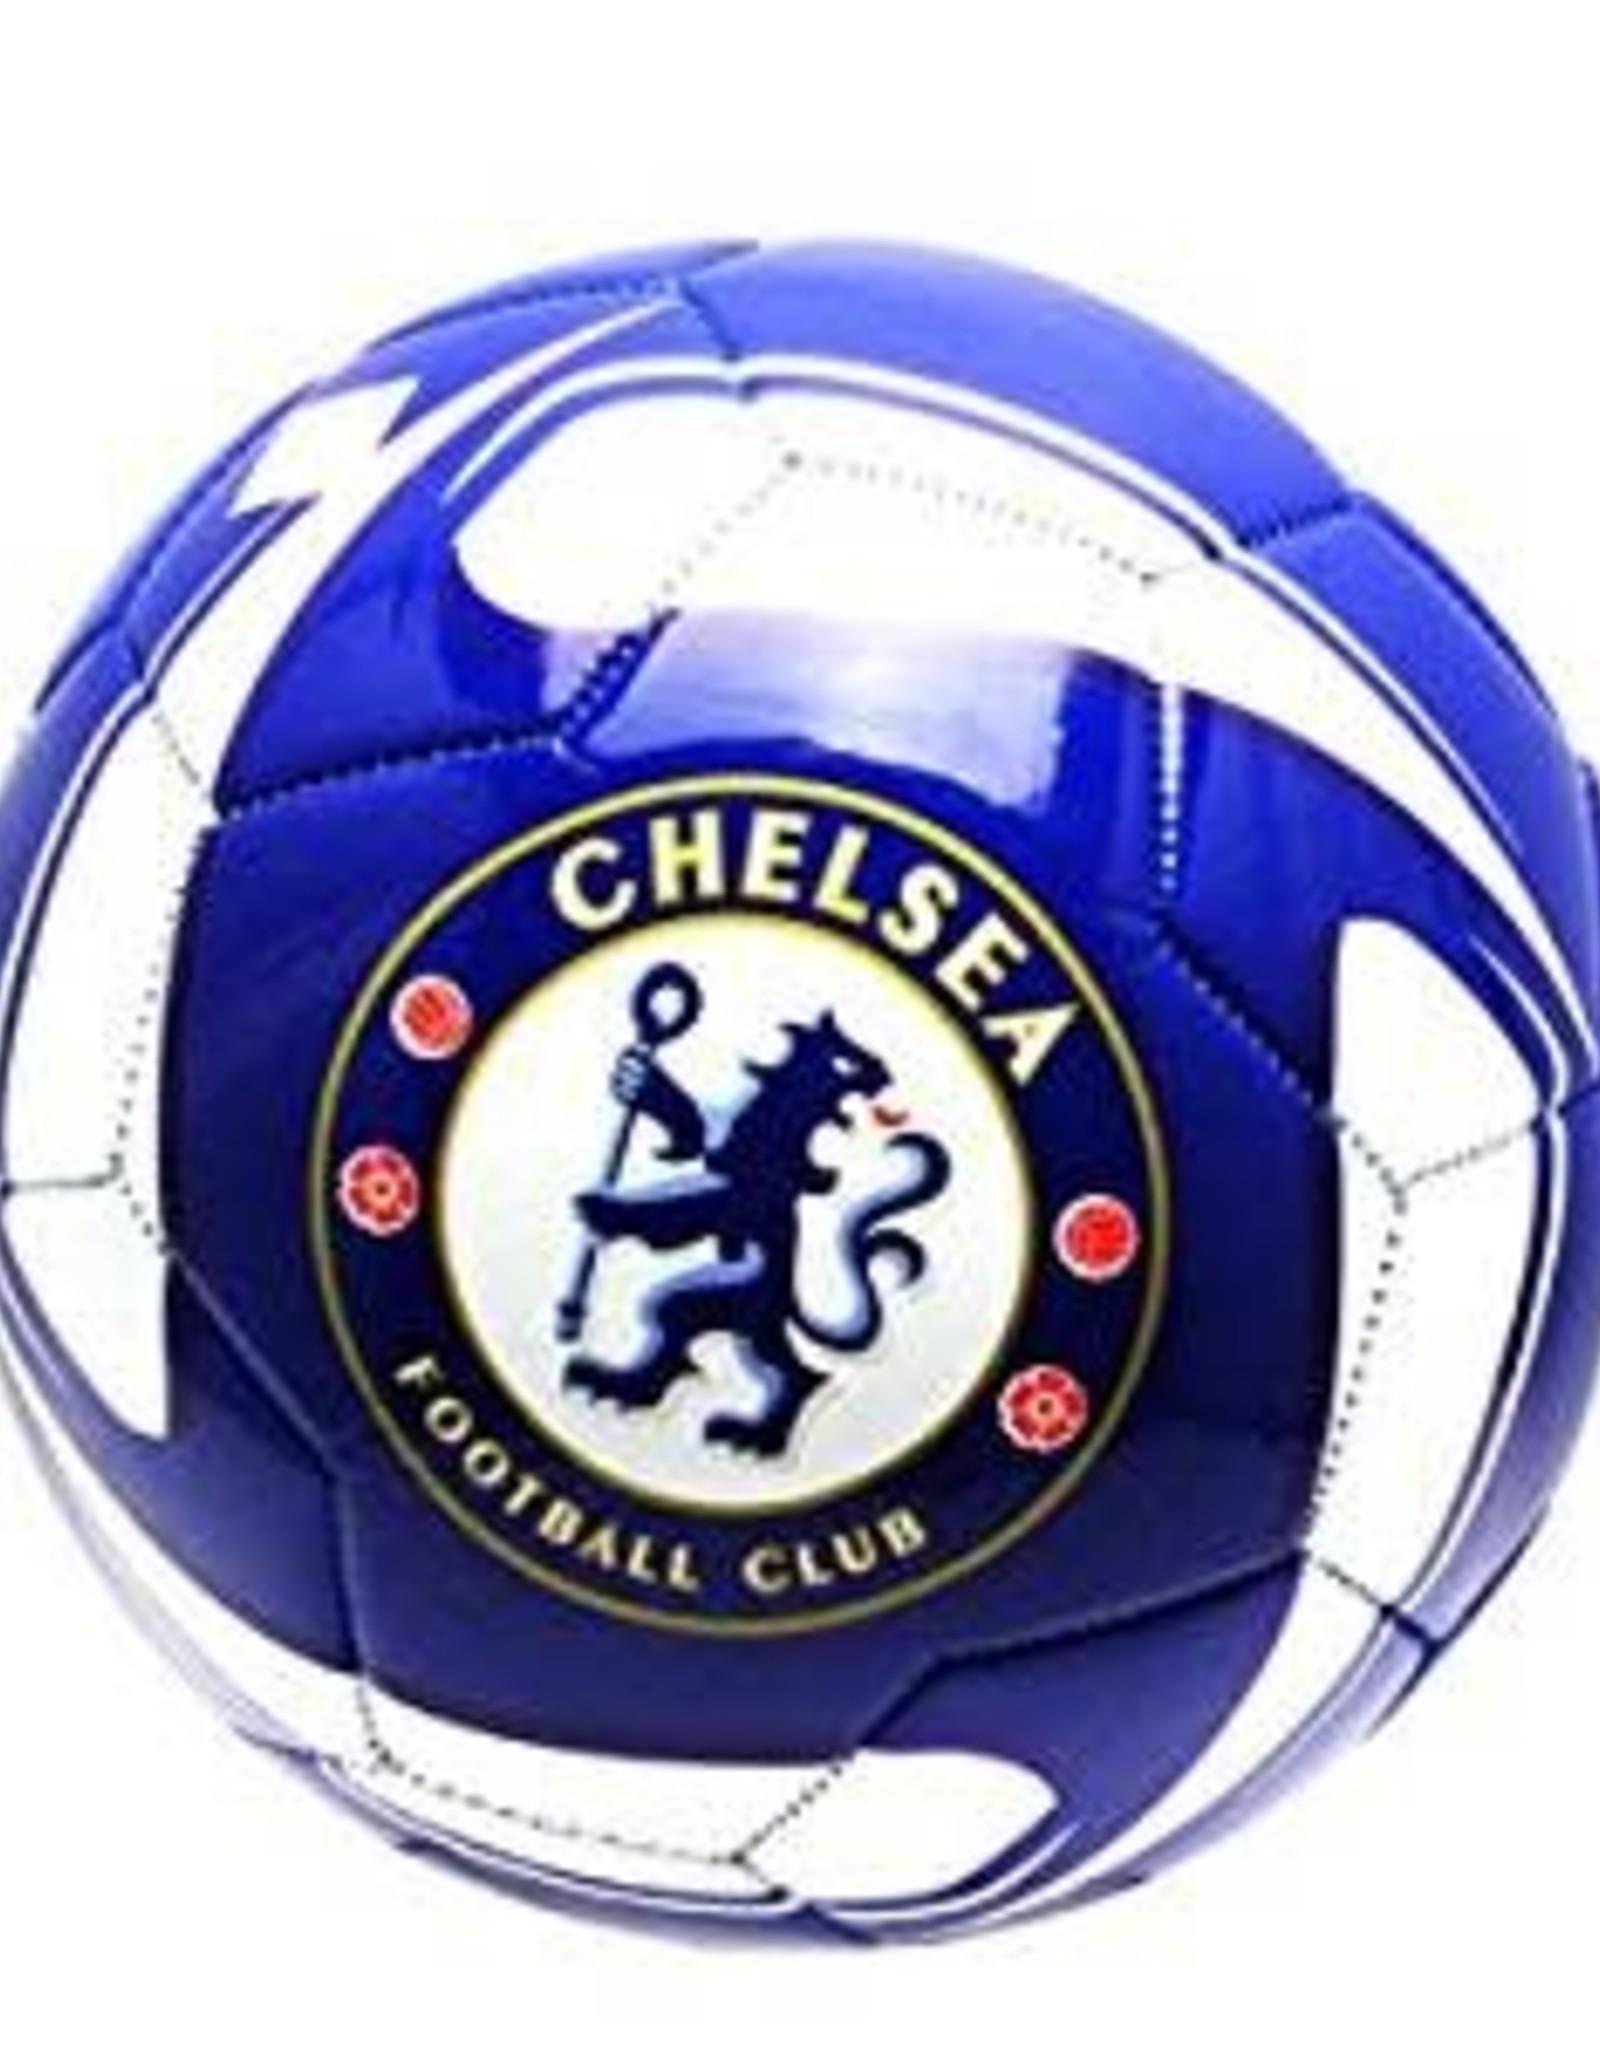 Chelsea Soccer Ball Blue/White Mini -1